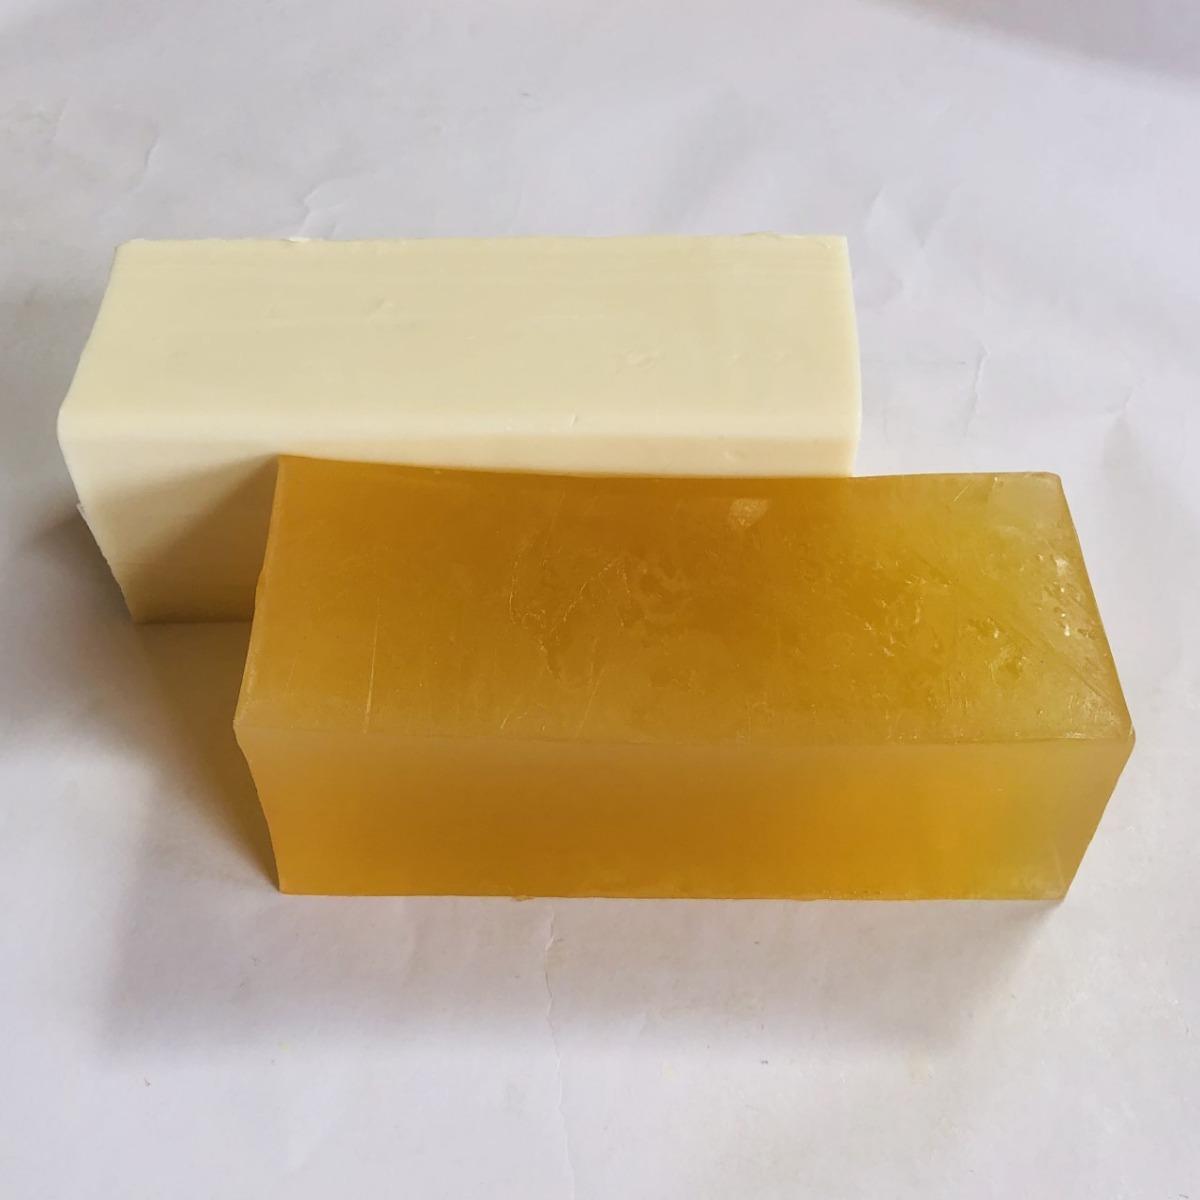 naturalmente materiales para armar uno mismo de Jabón Jabón aceites vegetales orgánicos con Base De Jabón Jabón